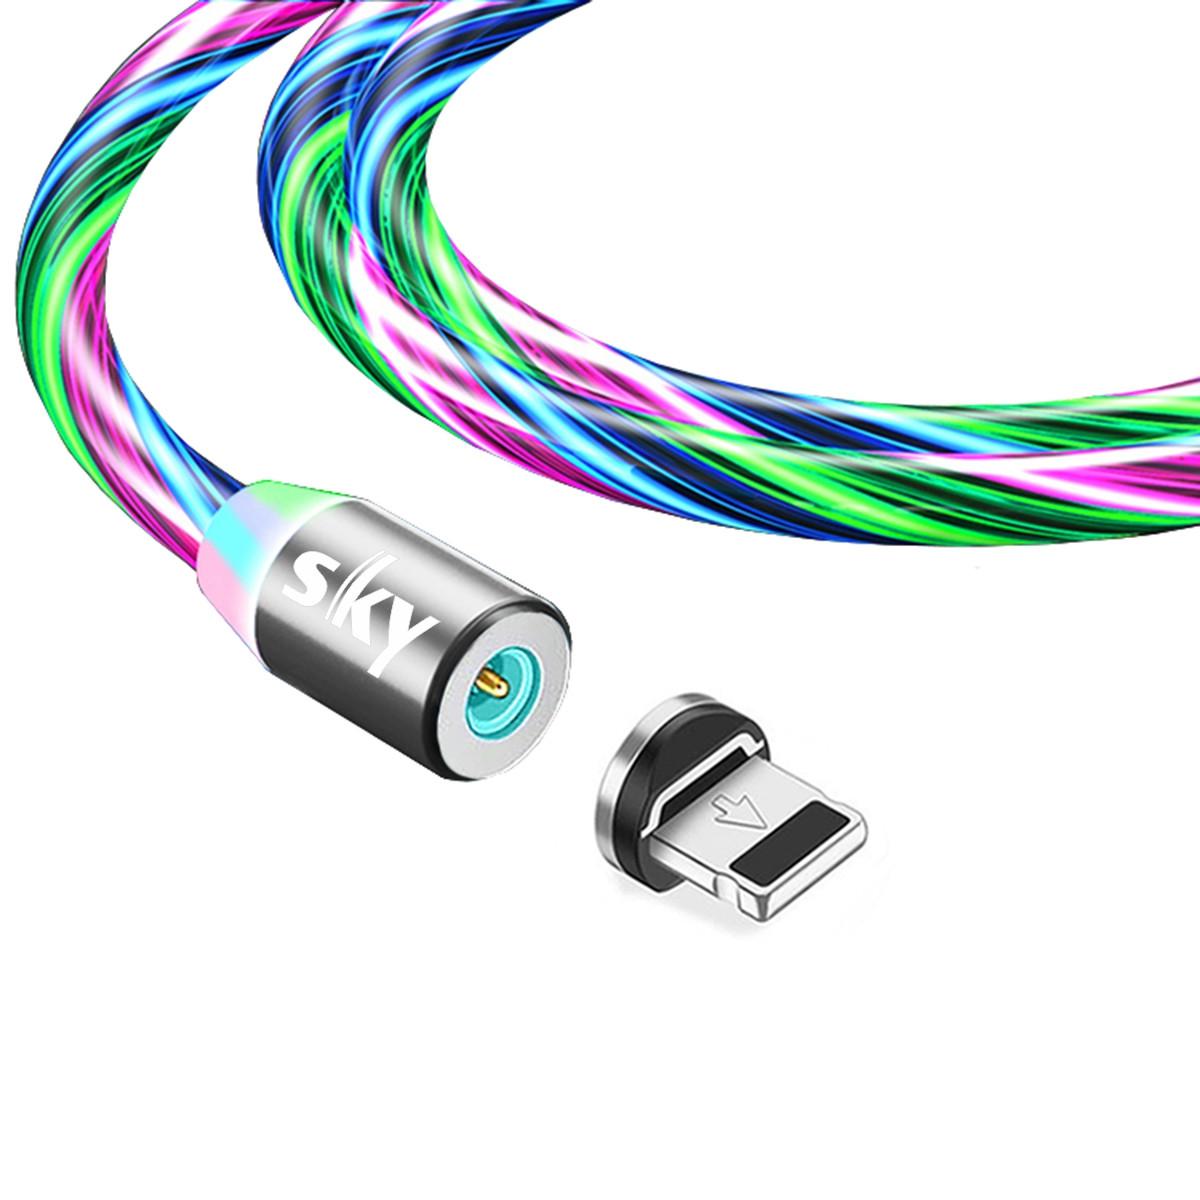 Магнитный кабель SKY apple-lightning (RZ) для зарядки (100 см) RGB